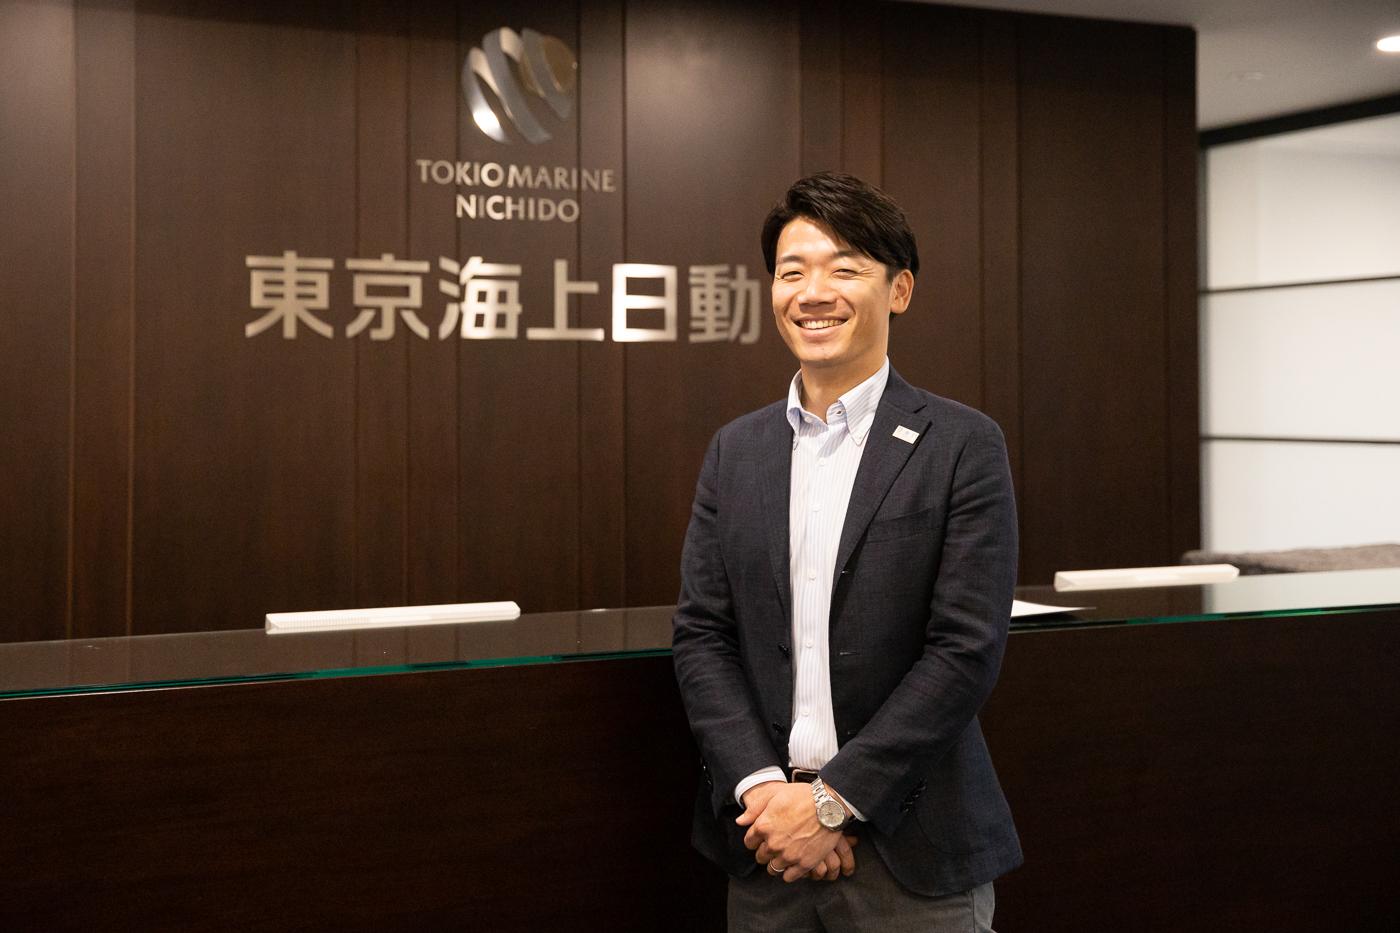 東京海上株式会社二宮様のインタビュー記事が公開されました!